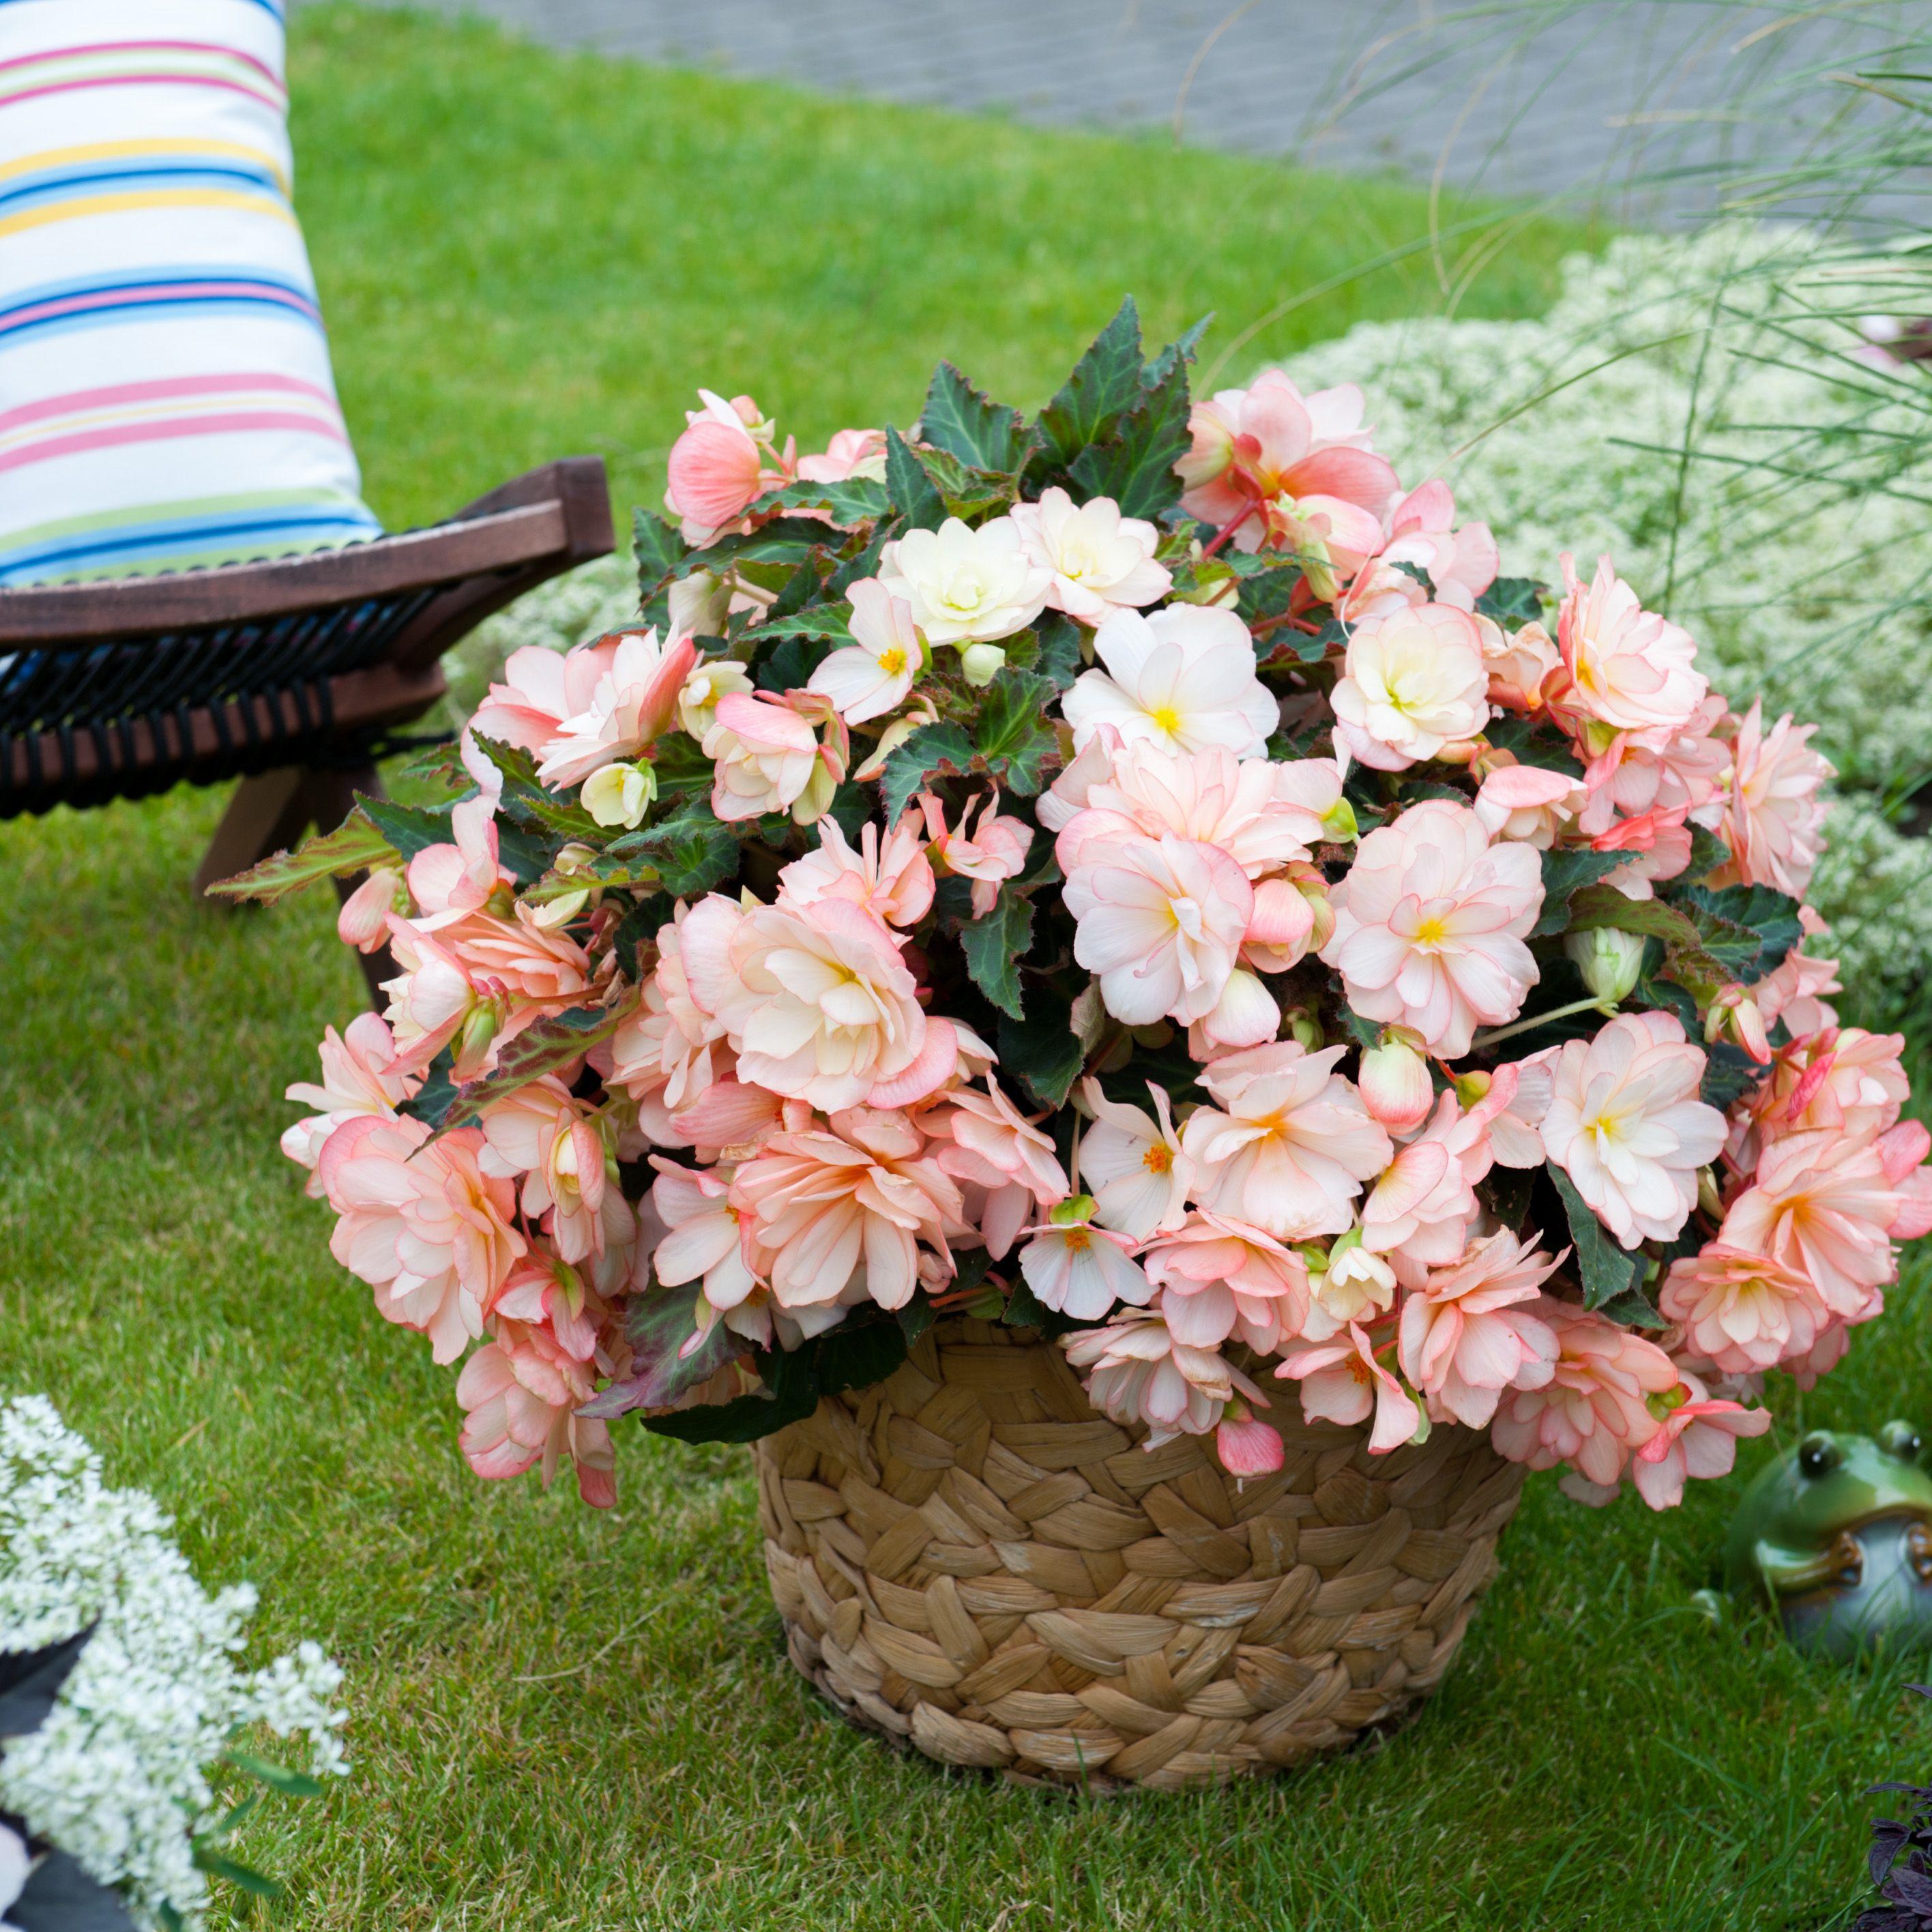 Ornamentals Results National Garden Bureau Container Gardening Flower Garden Design Gardening For Beginners